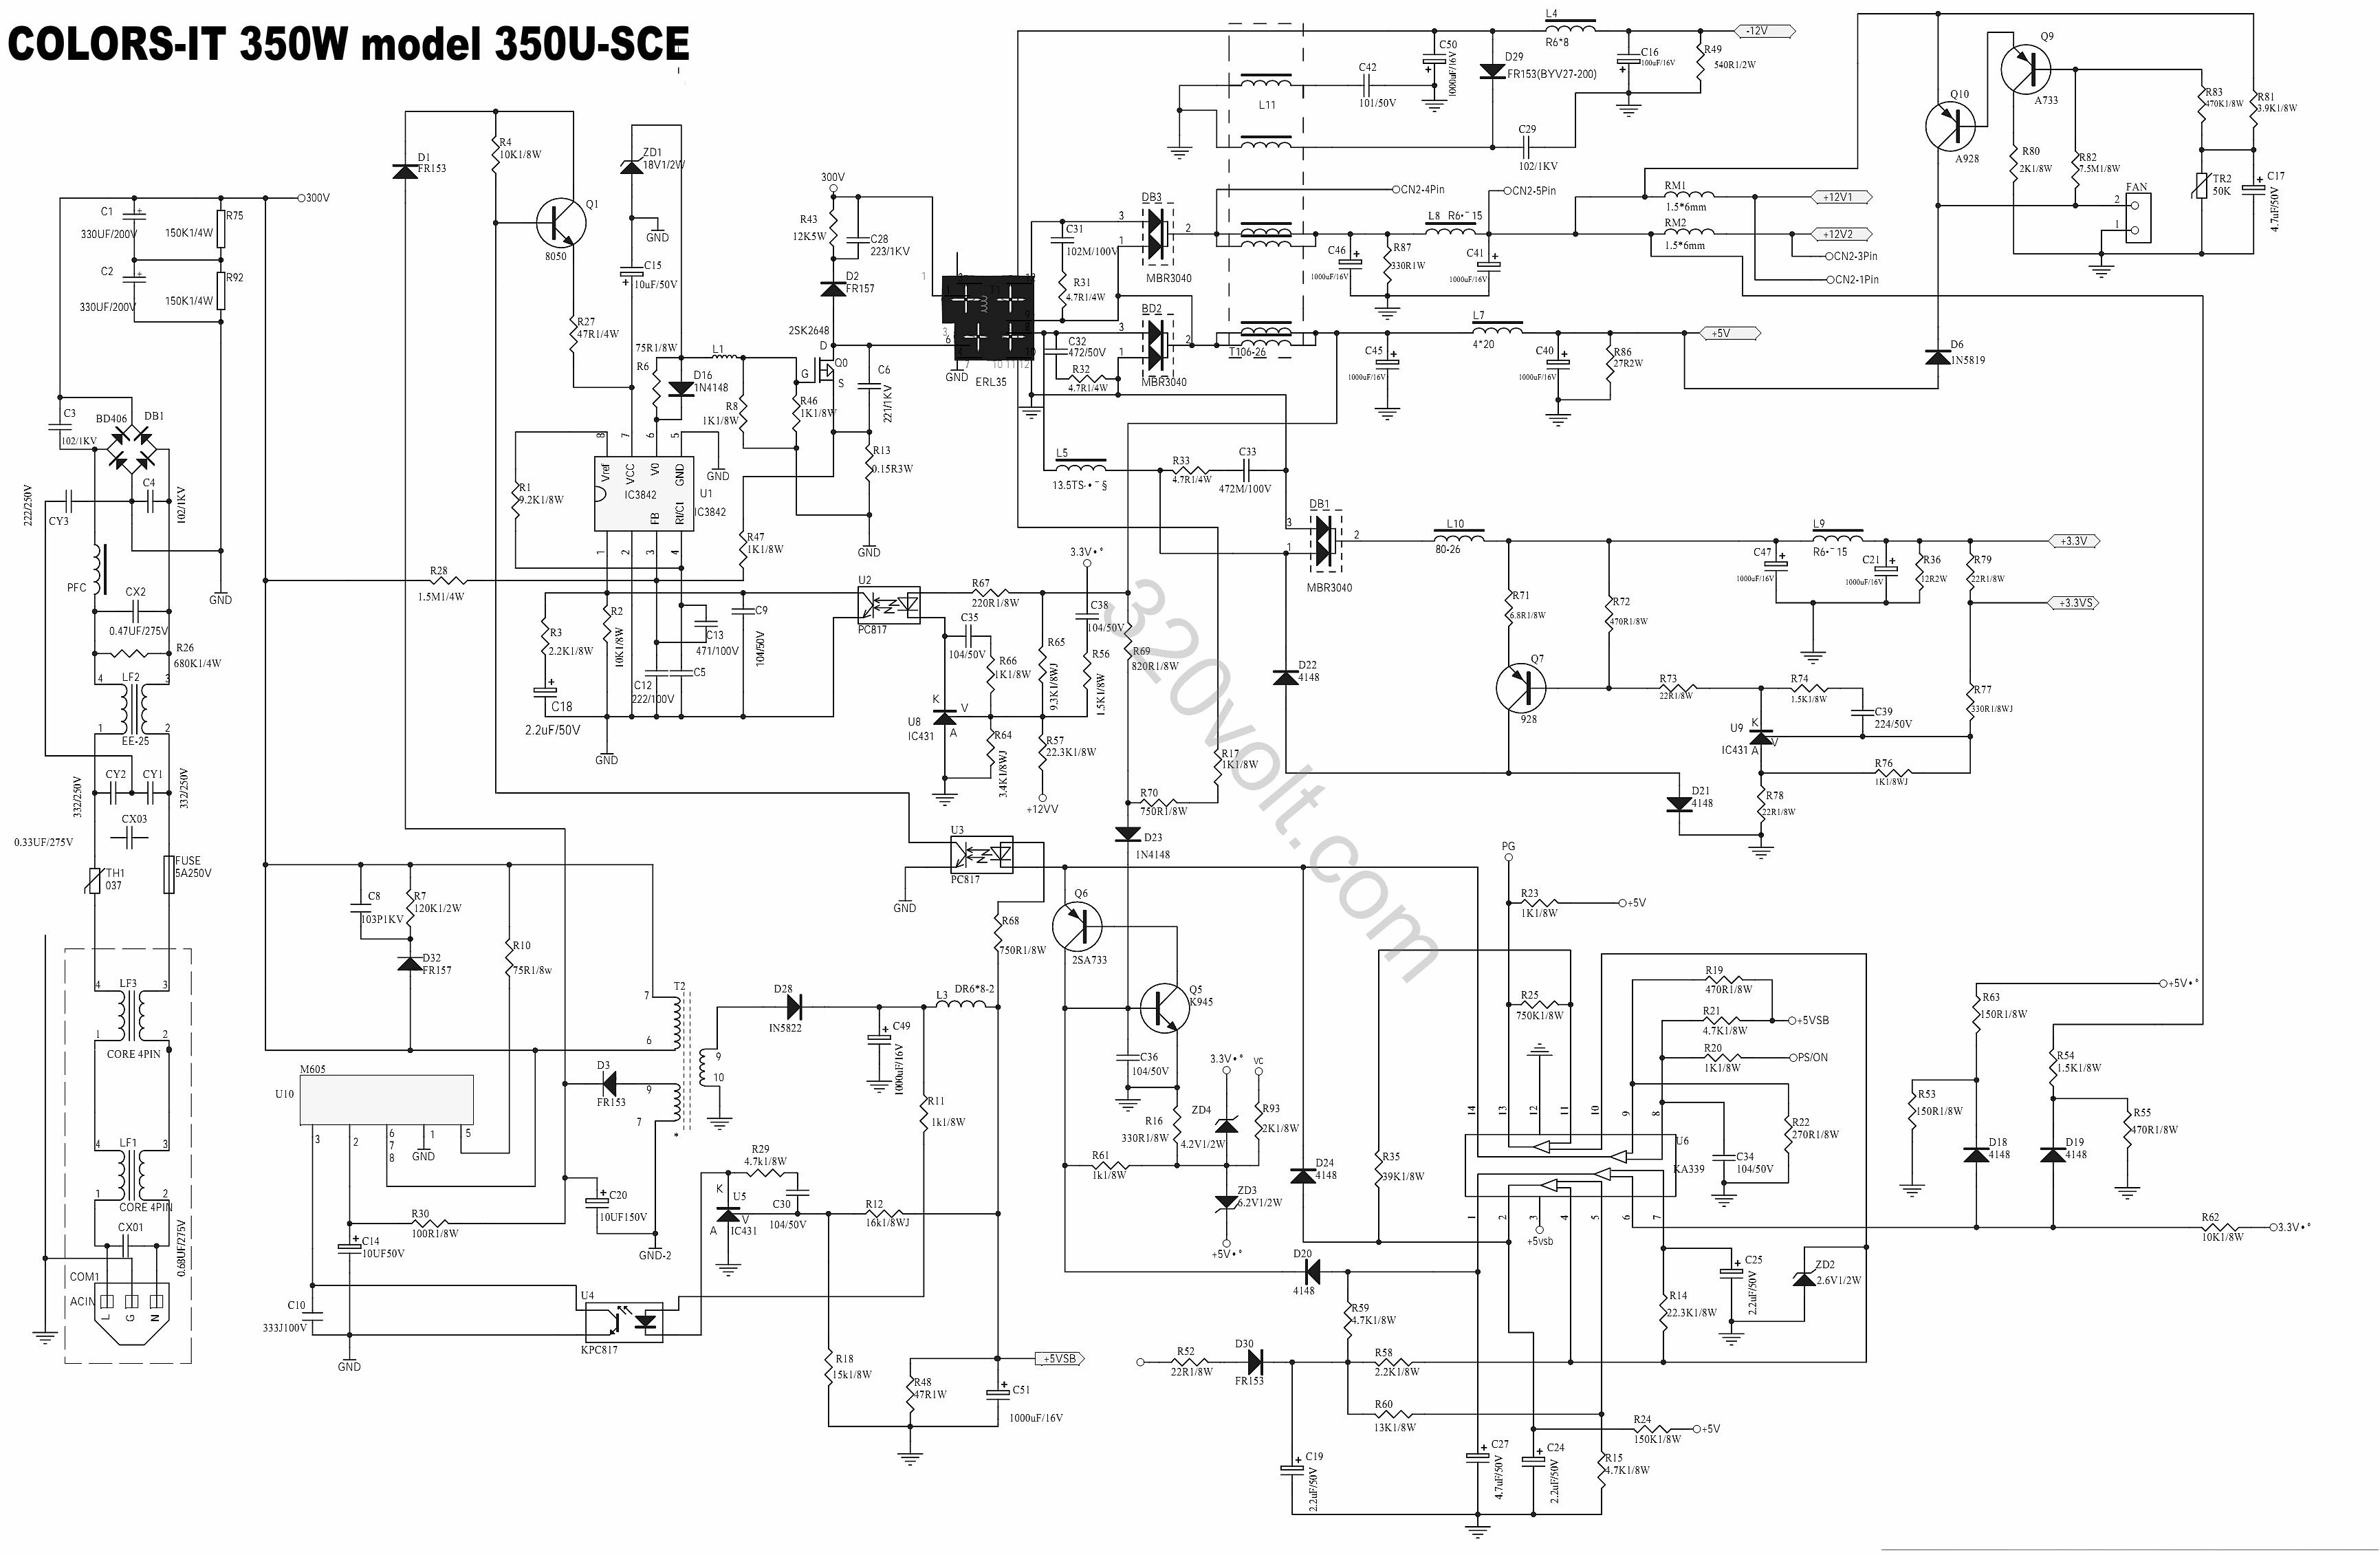 uc3842 m605 ka339 350usce smps atx circuit diagram